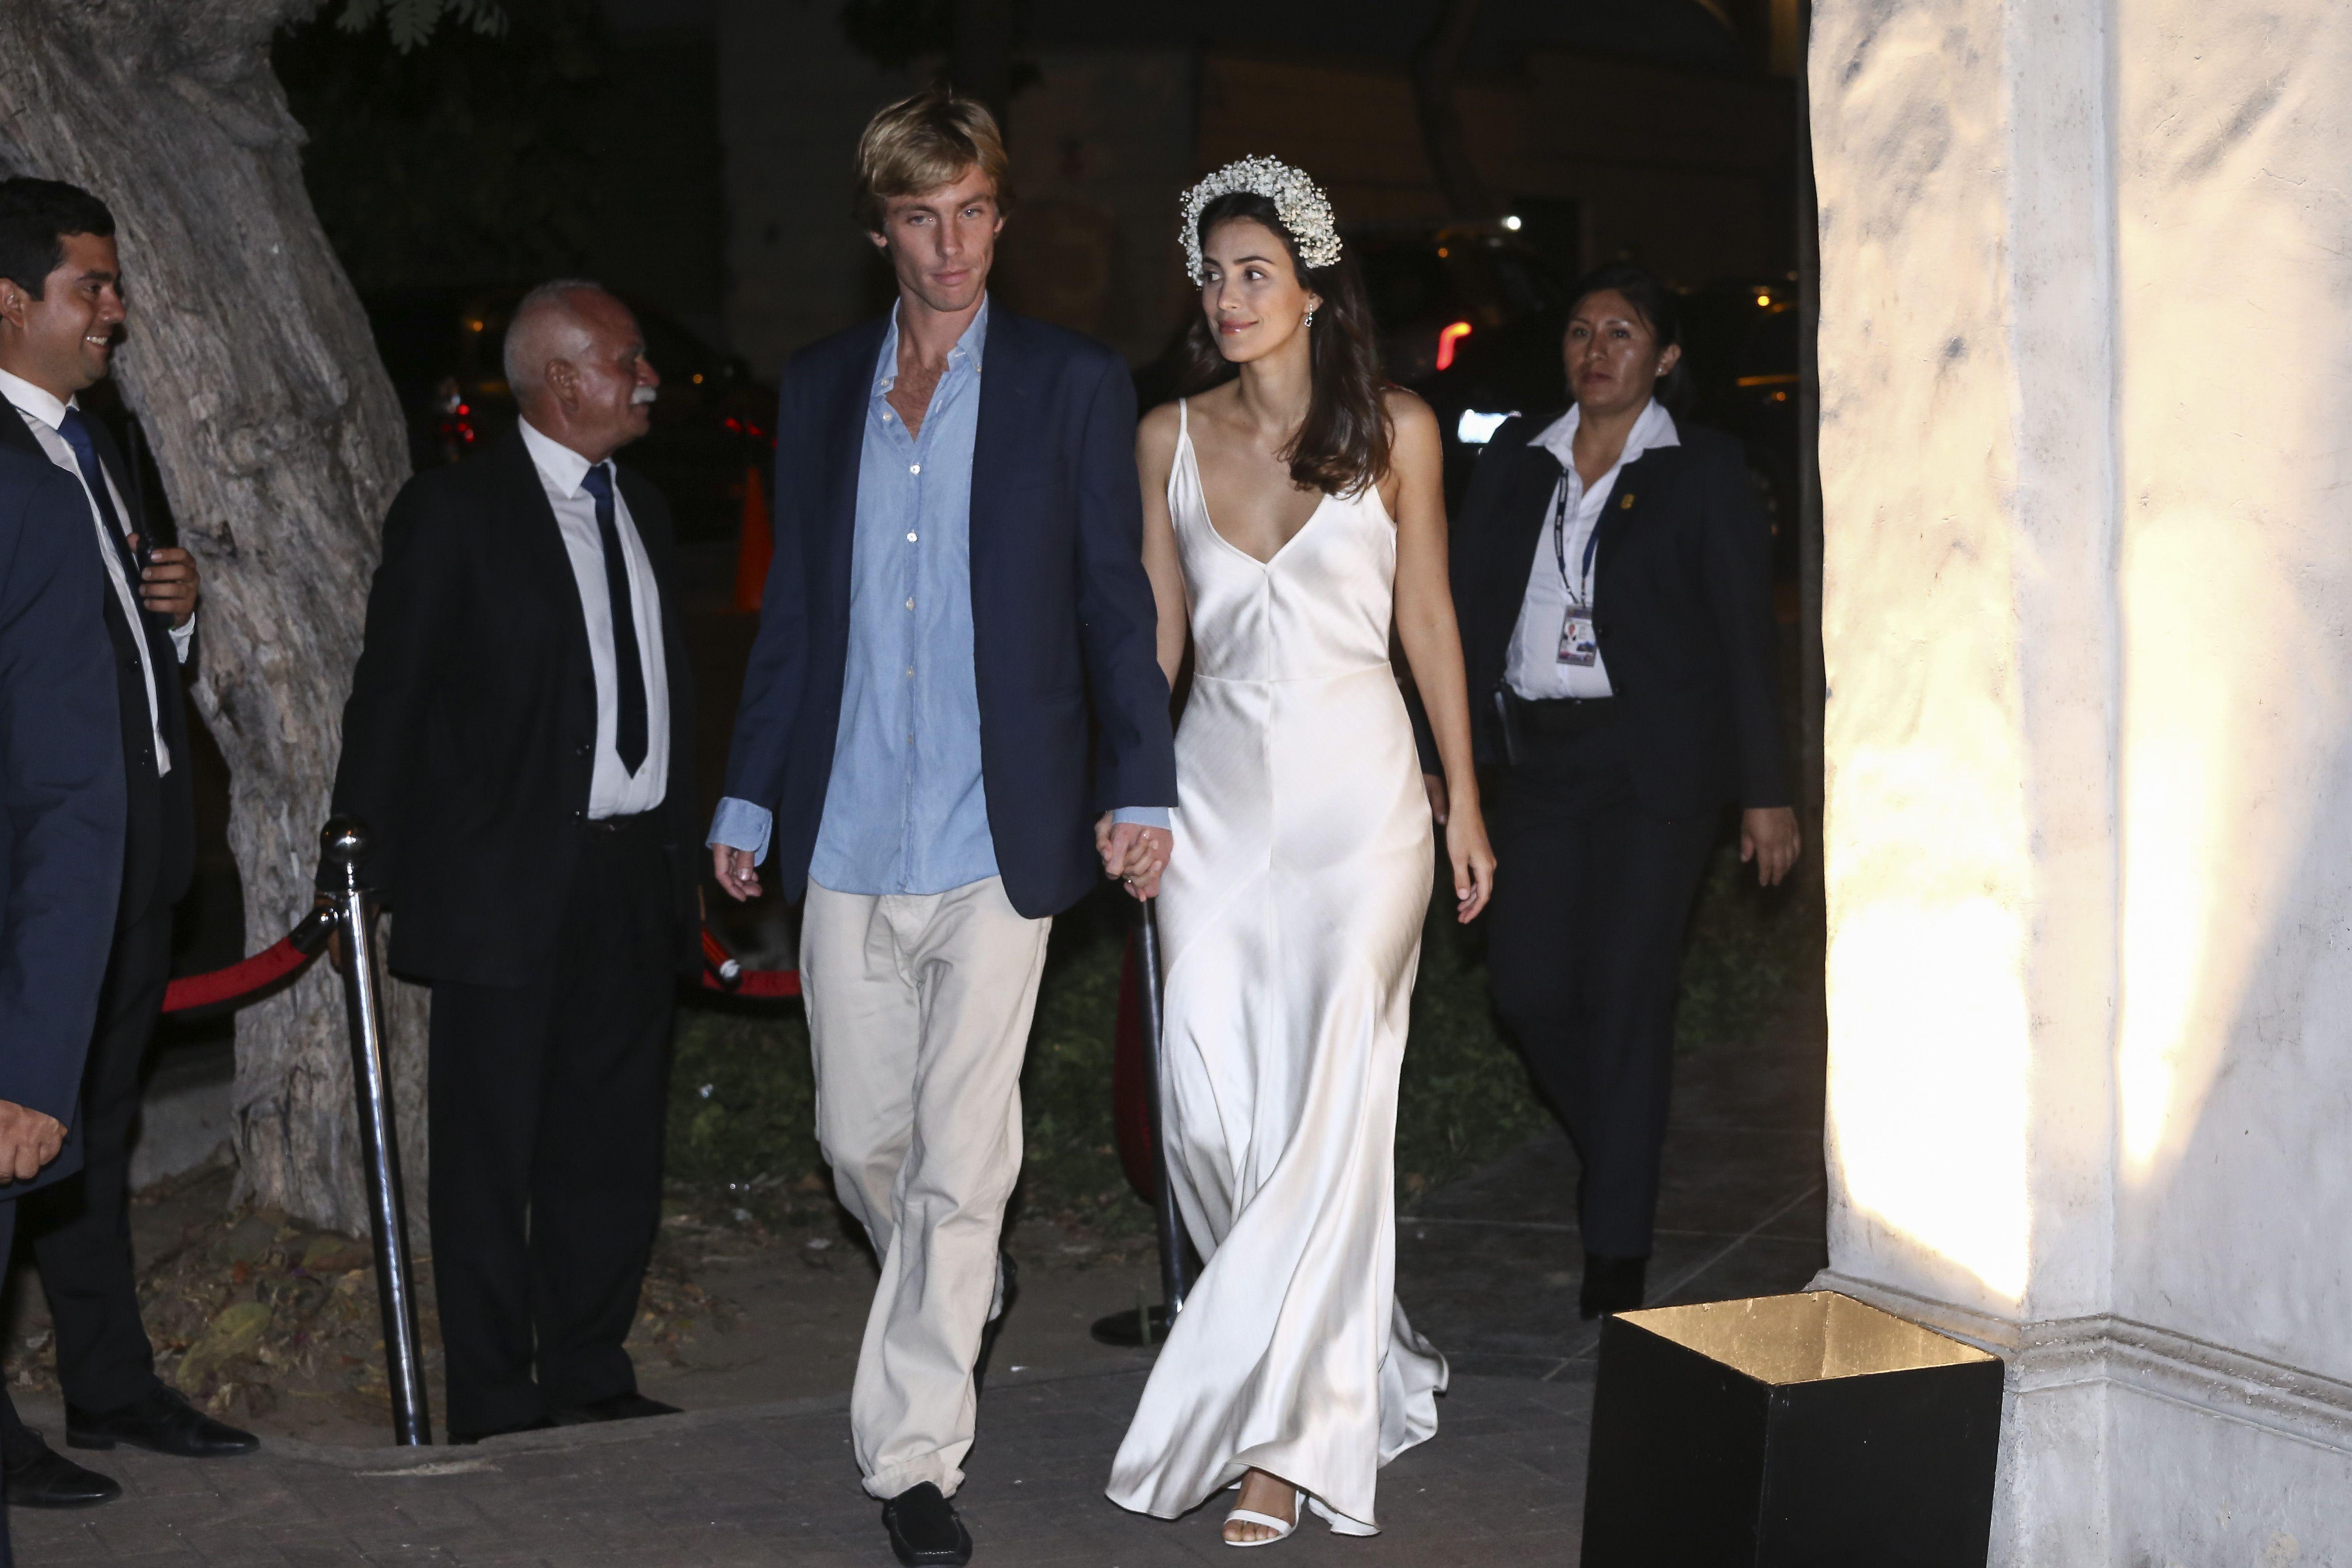 3c99727b3e El vestido lencero post-boda de Alessandra de Osma y su clon de Mango - El  vestido de novia de Alessandra de Osma post-boda